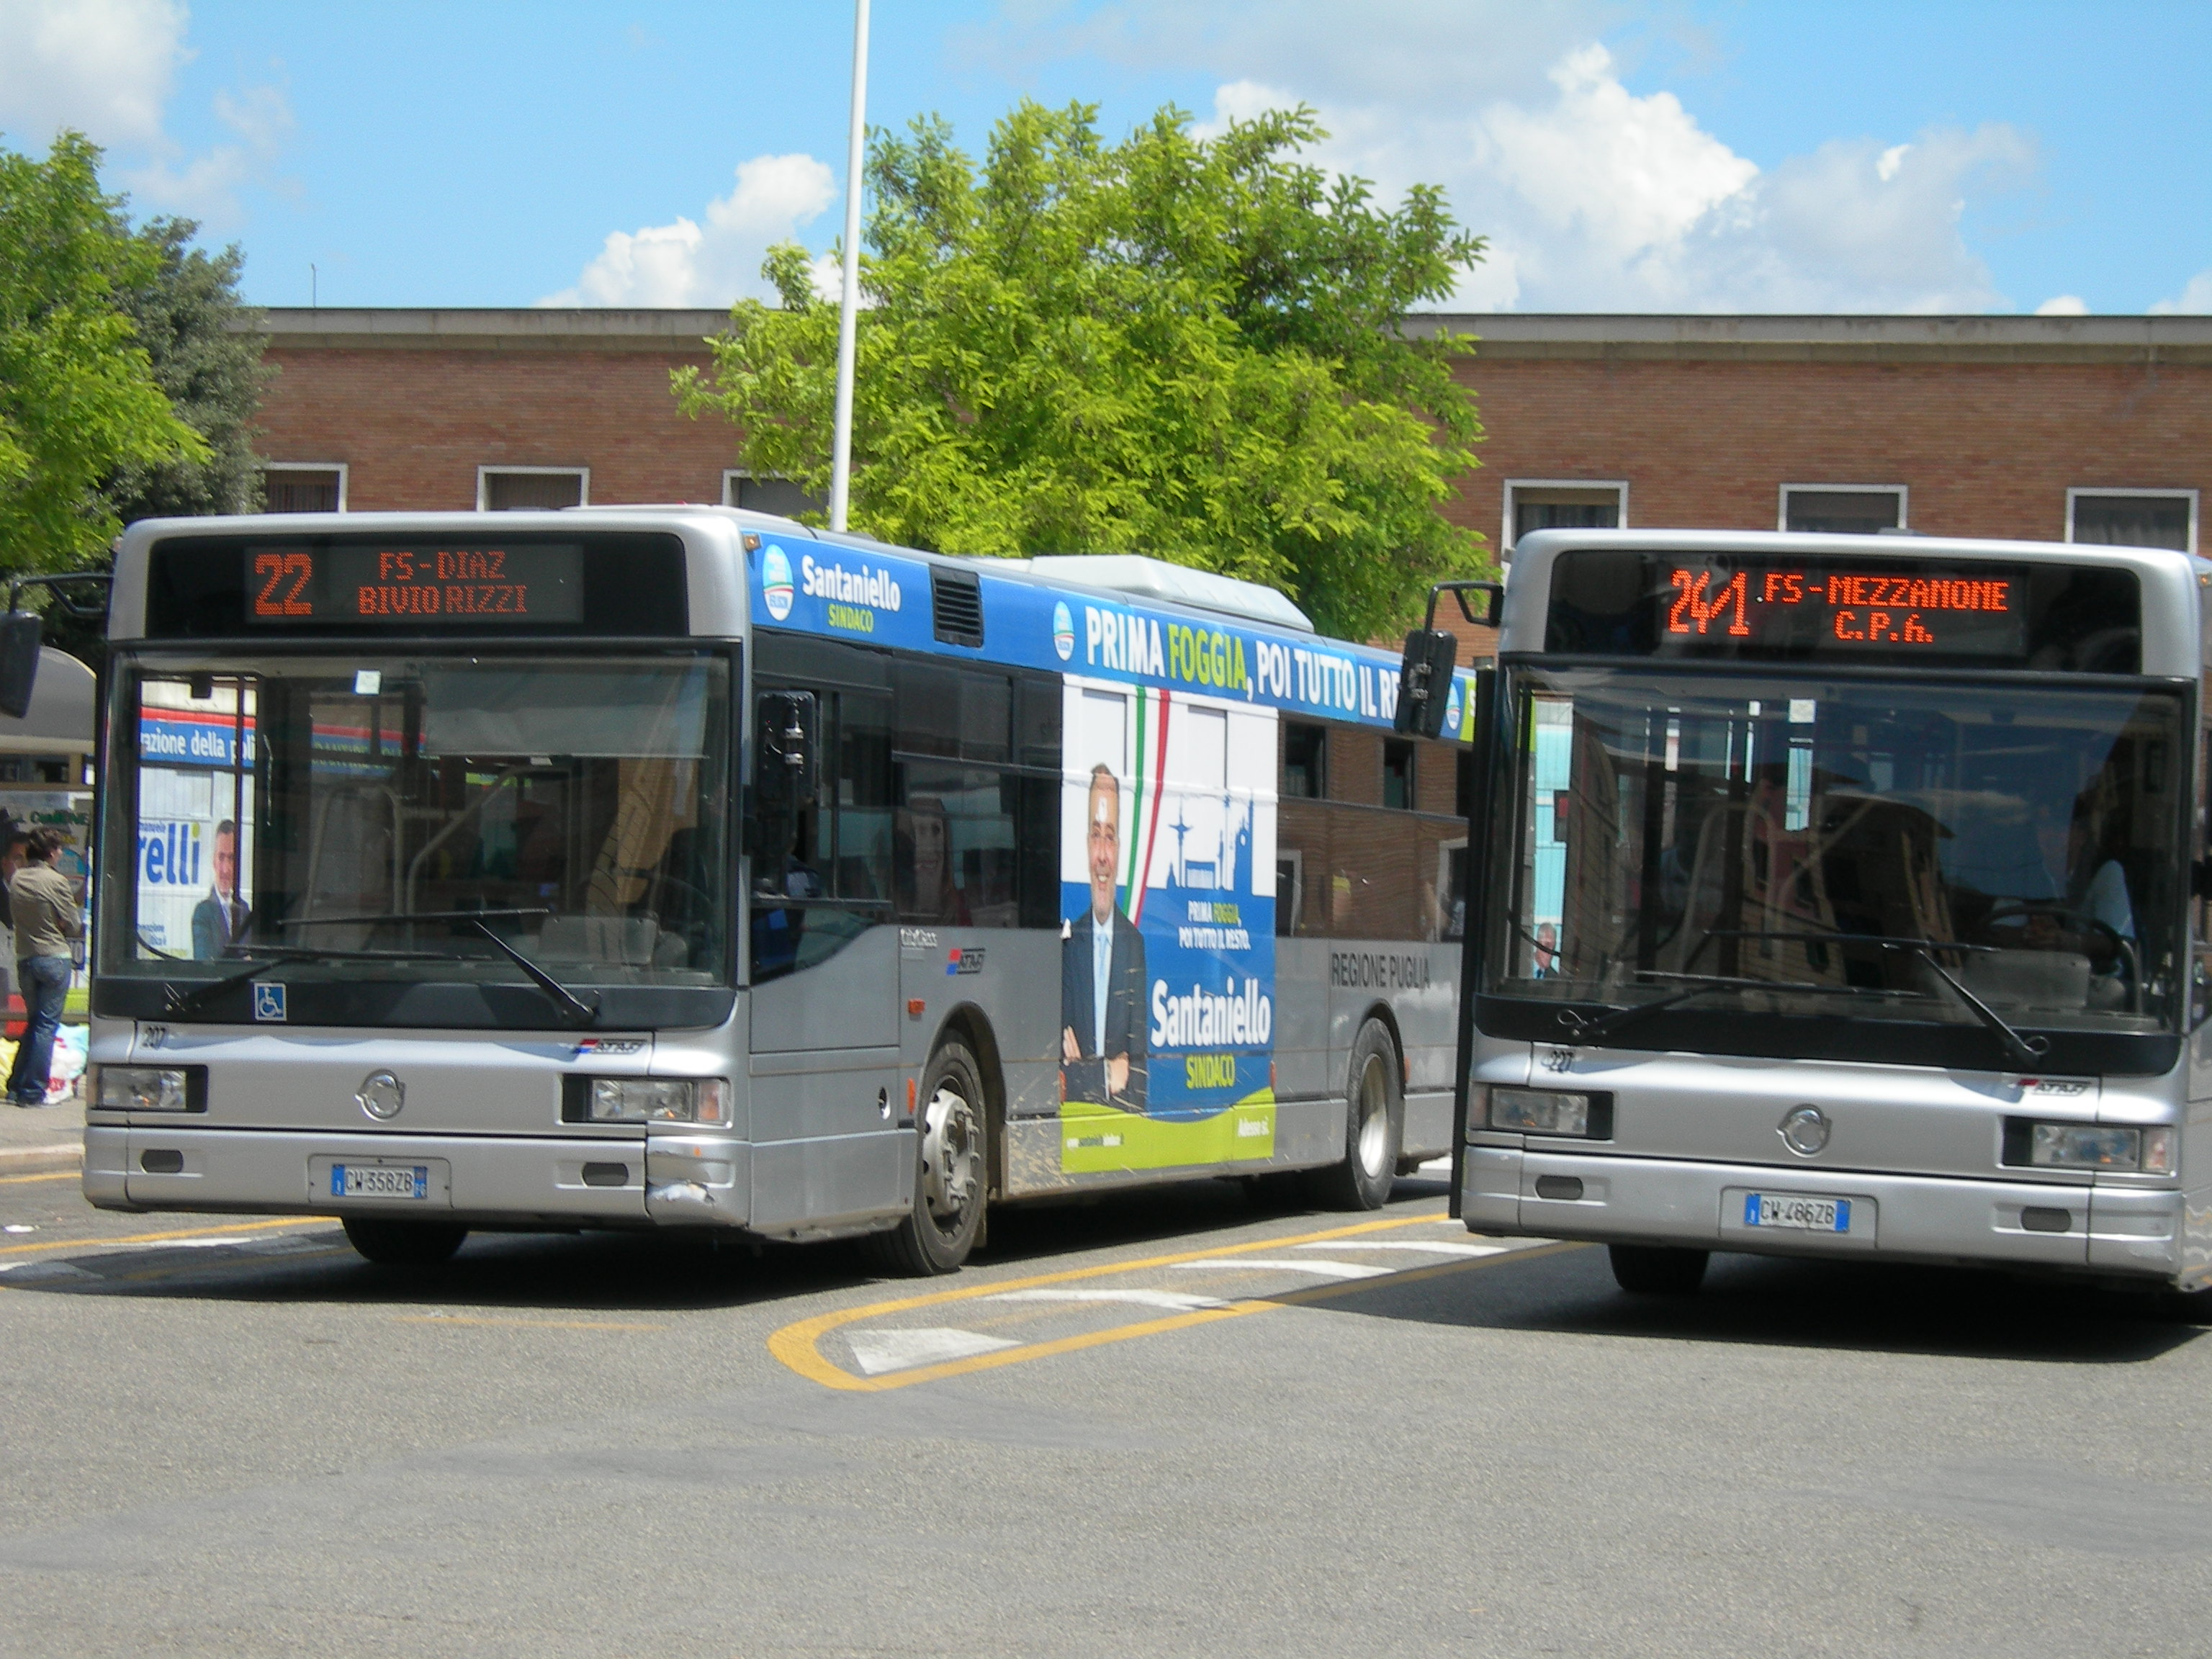 Bovino Foggia Autobus File:autobus Ataf Foggia).jpg